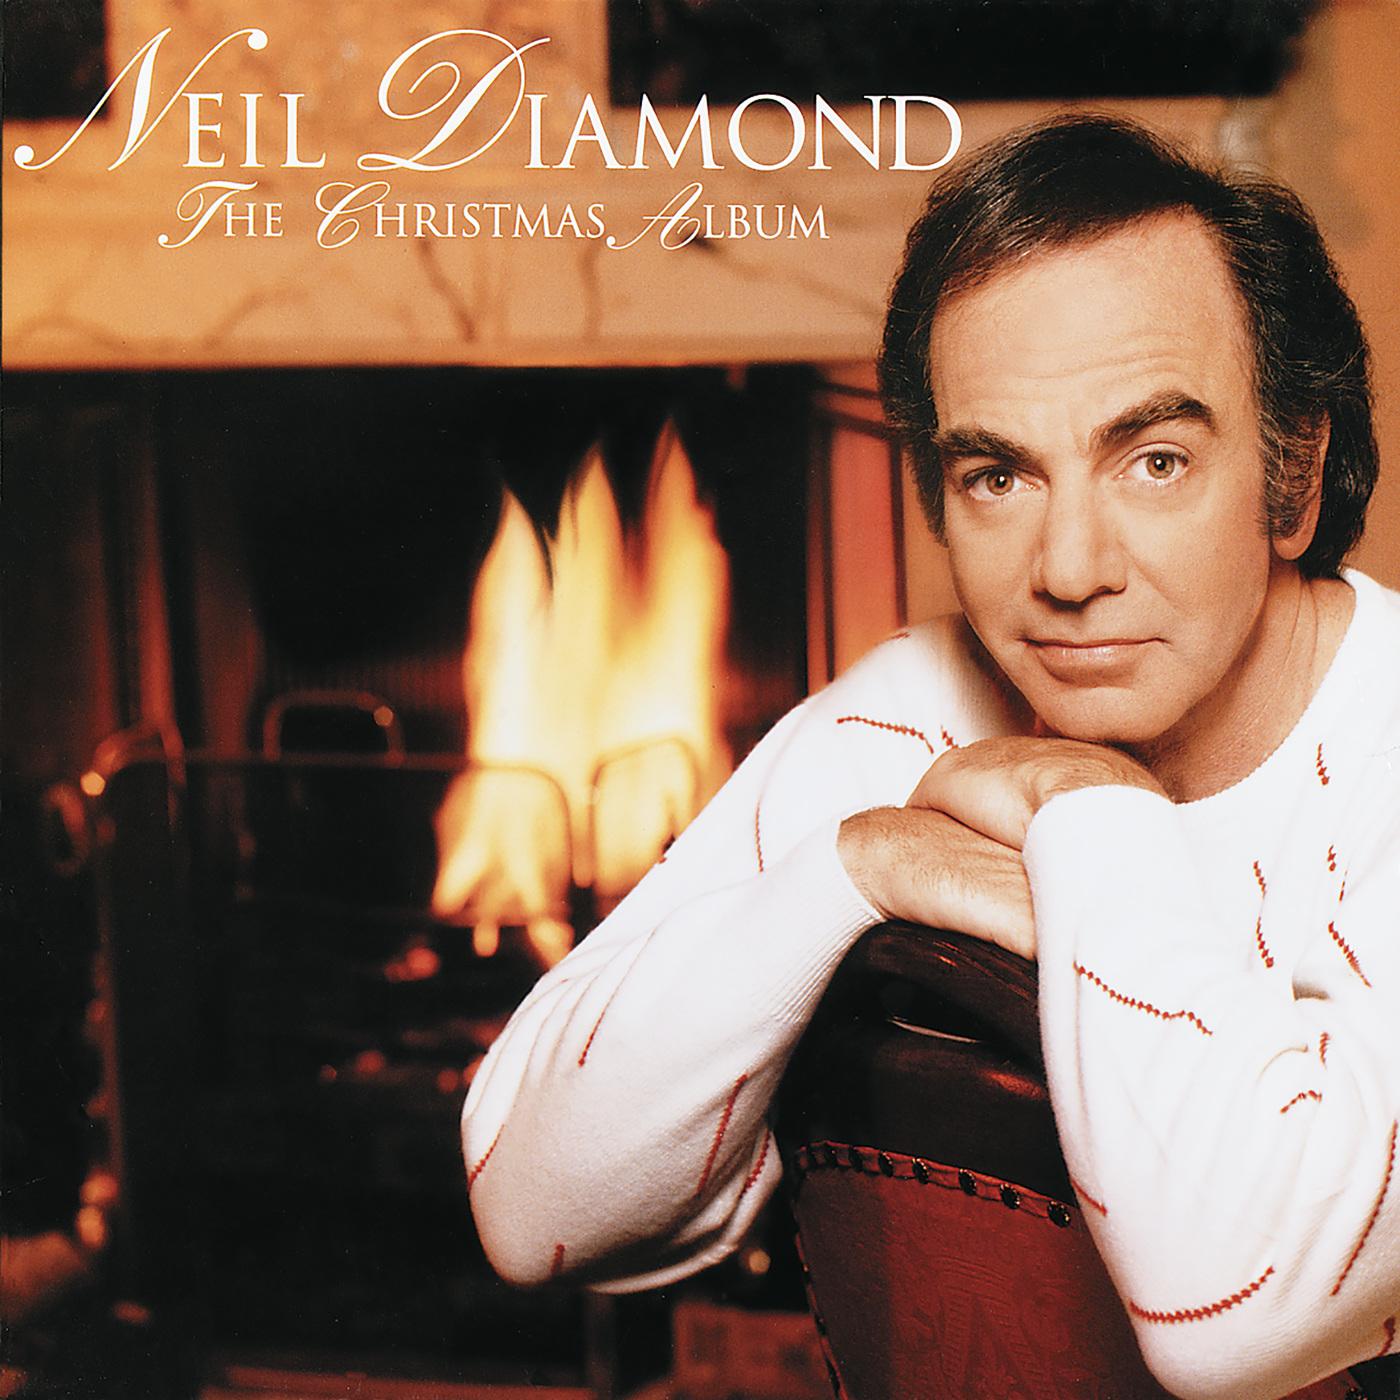 cD Neil Diamond -The Christmas Album  Cover